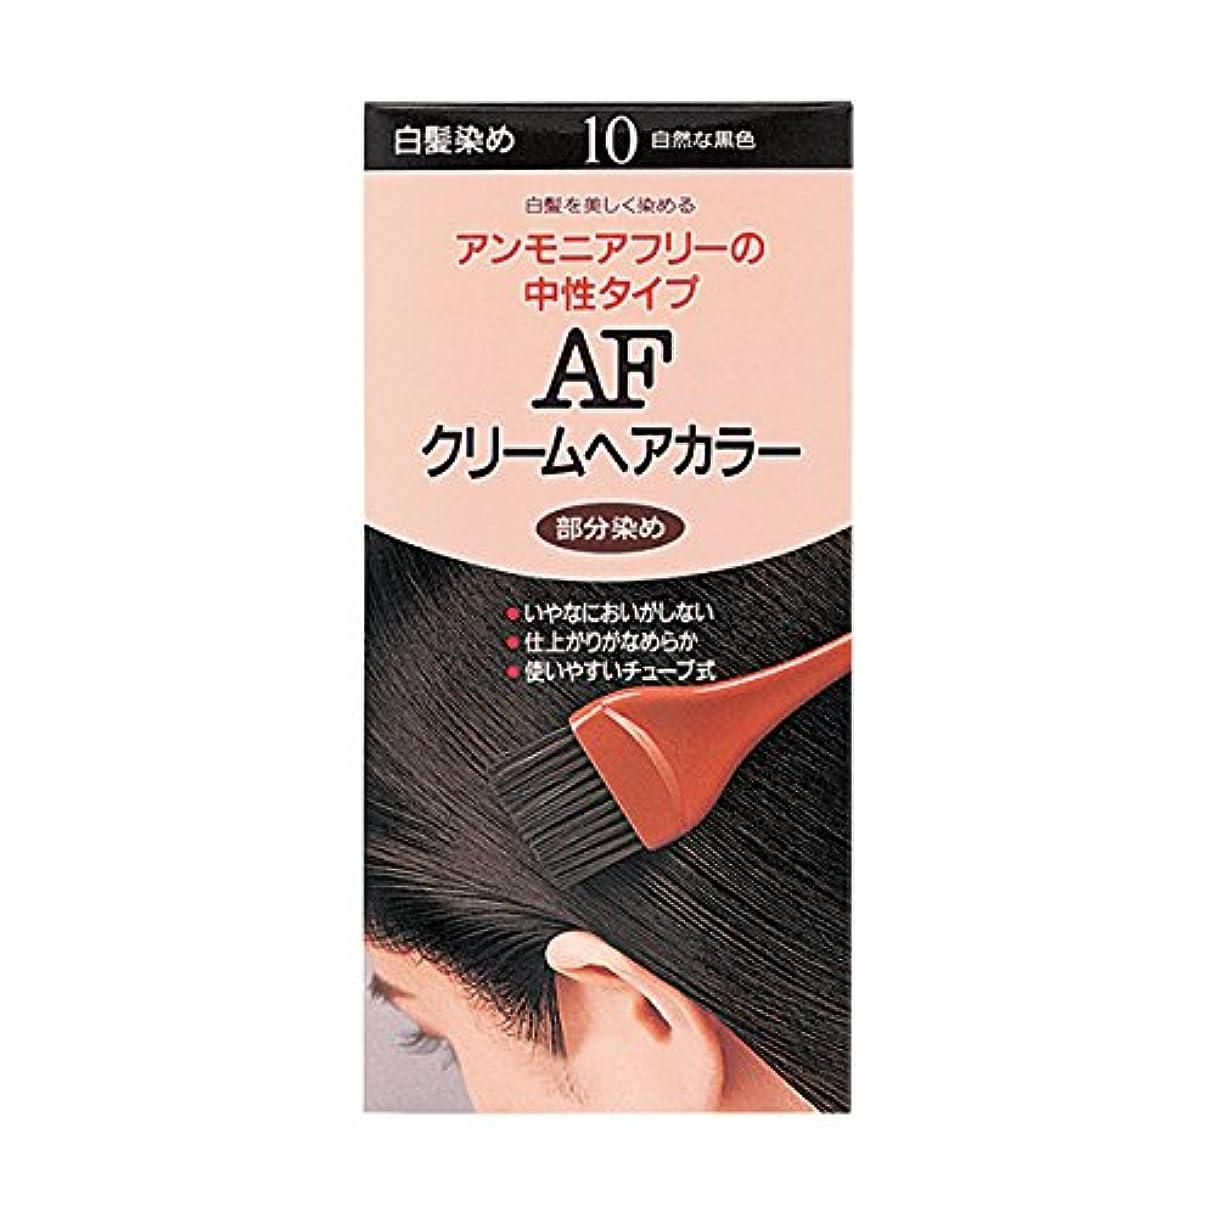 だます機構再現するヘアカラー AFクリームヘアカラー 10 【医薬部外品】